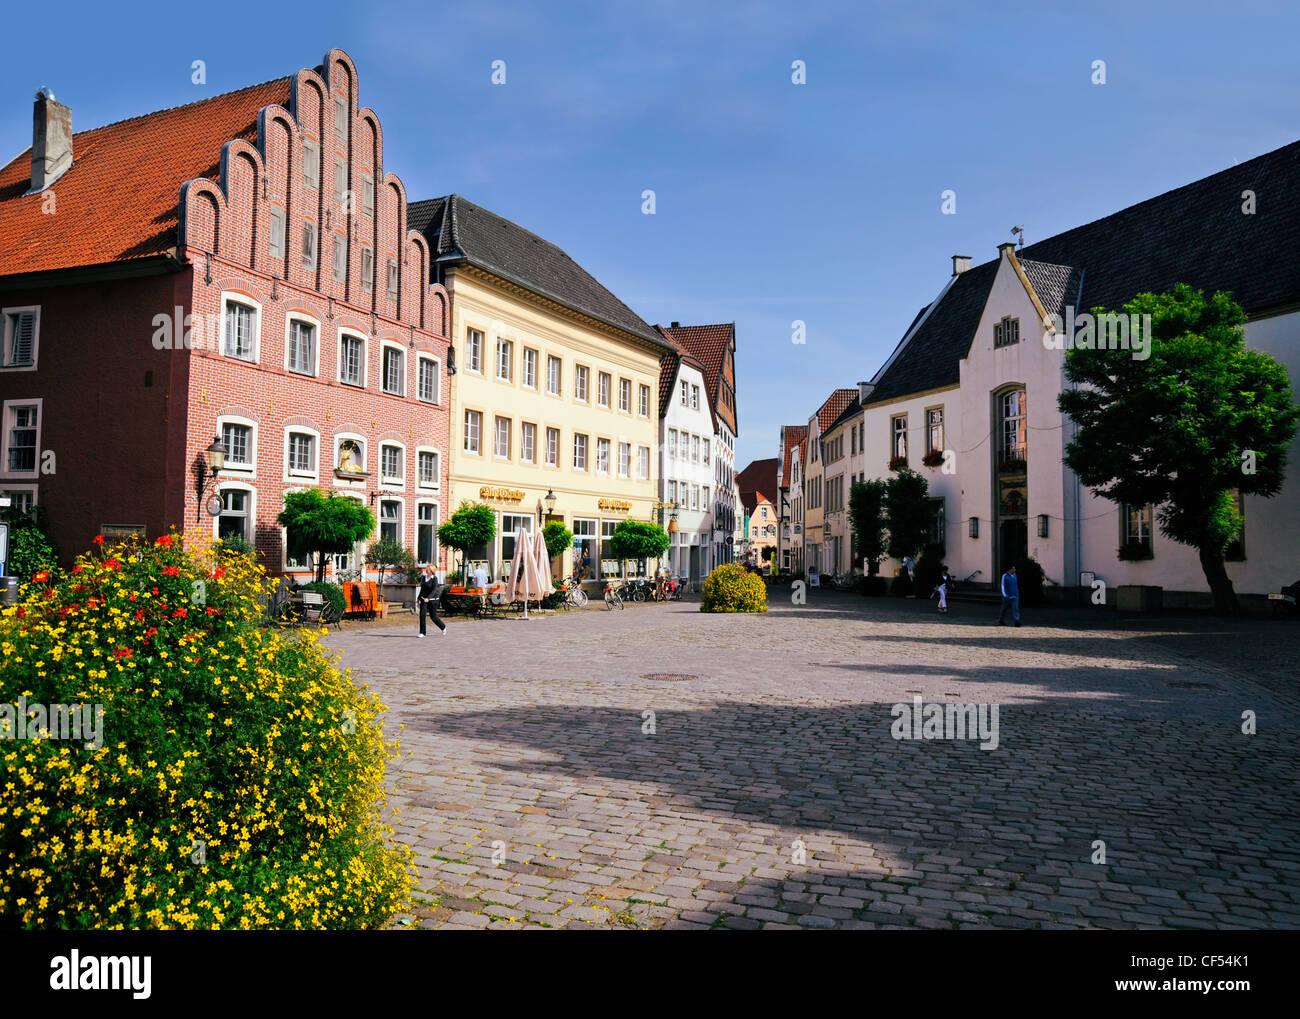 der alte markt platz warendorf deutschland stockfoto bild 43754005 alamy. Black Bedroom Furniture Sets. Home Design Ideas